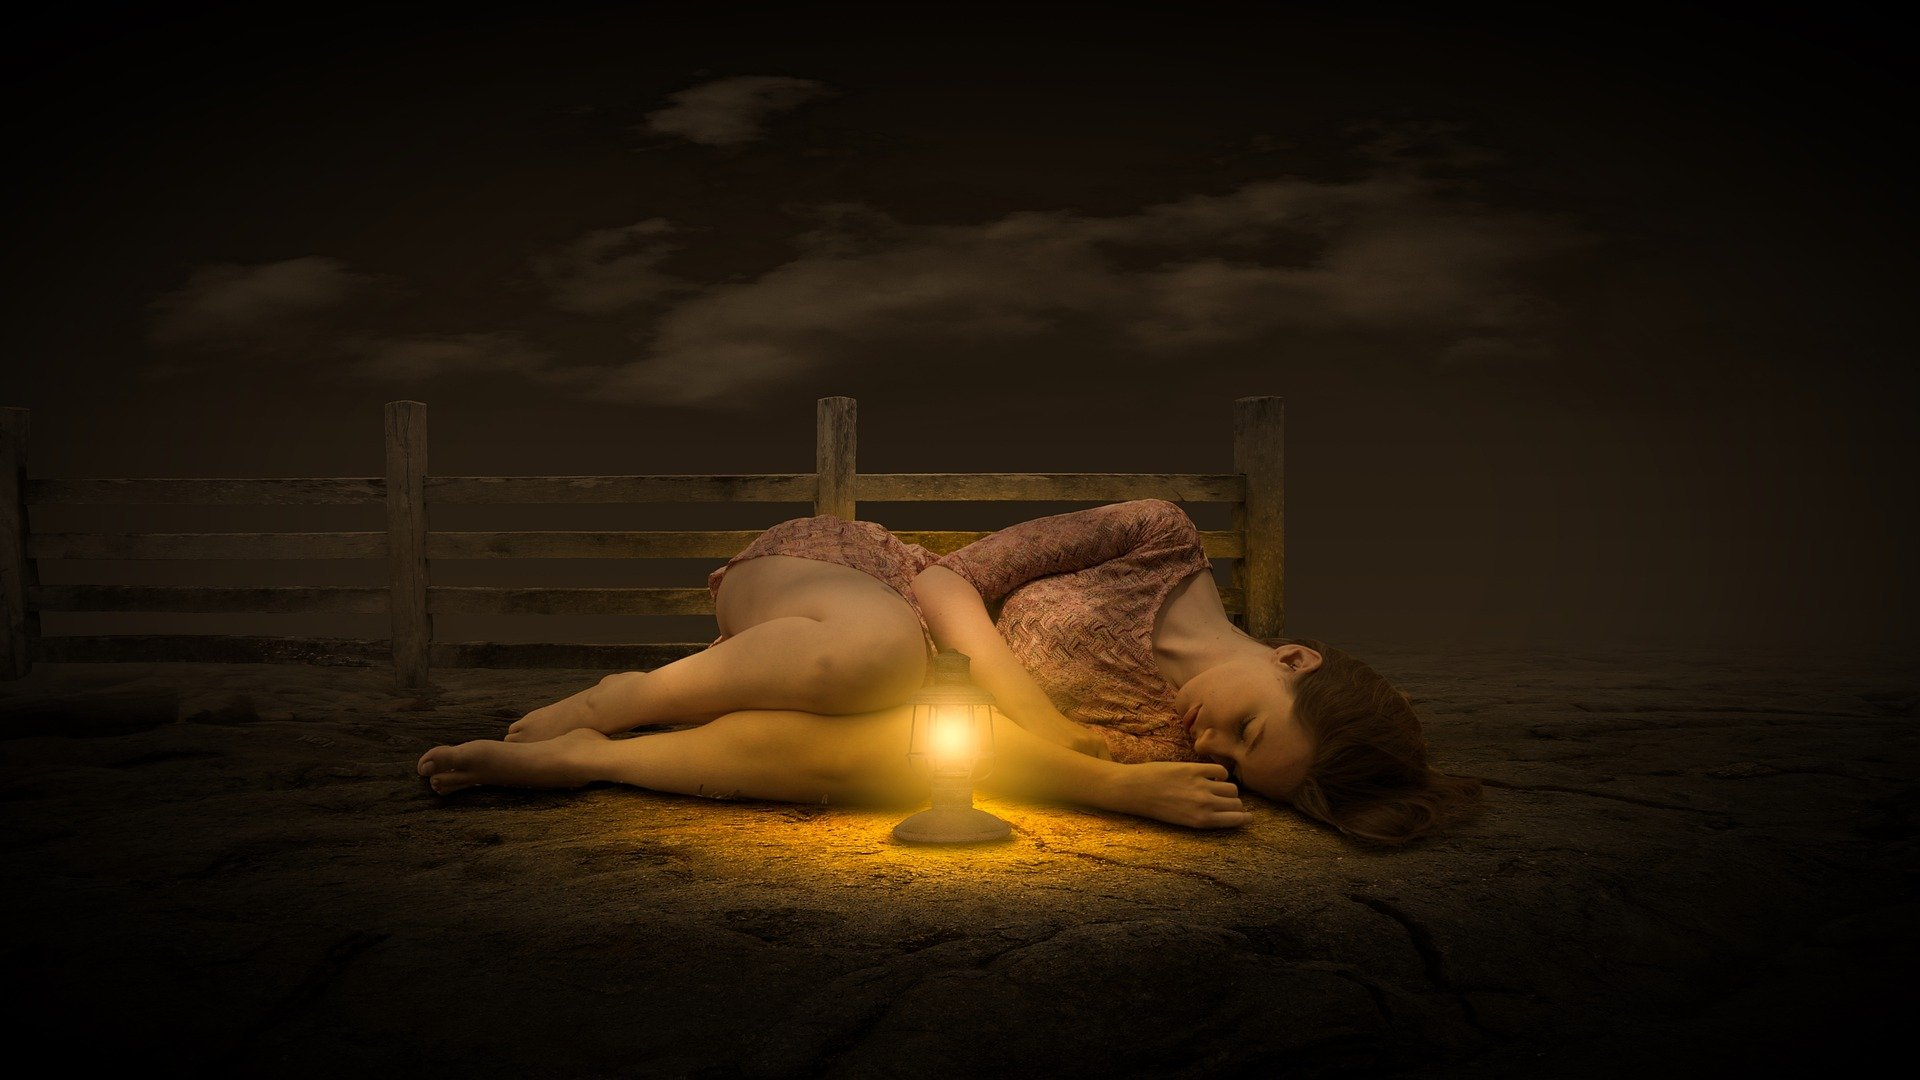 una donna sdraiata a terra rannicchiata su se stessa, di notte, con la luce di una lanterna davanti a sè